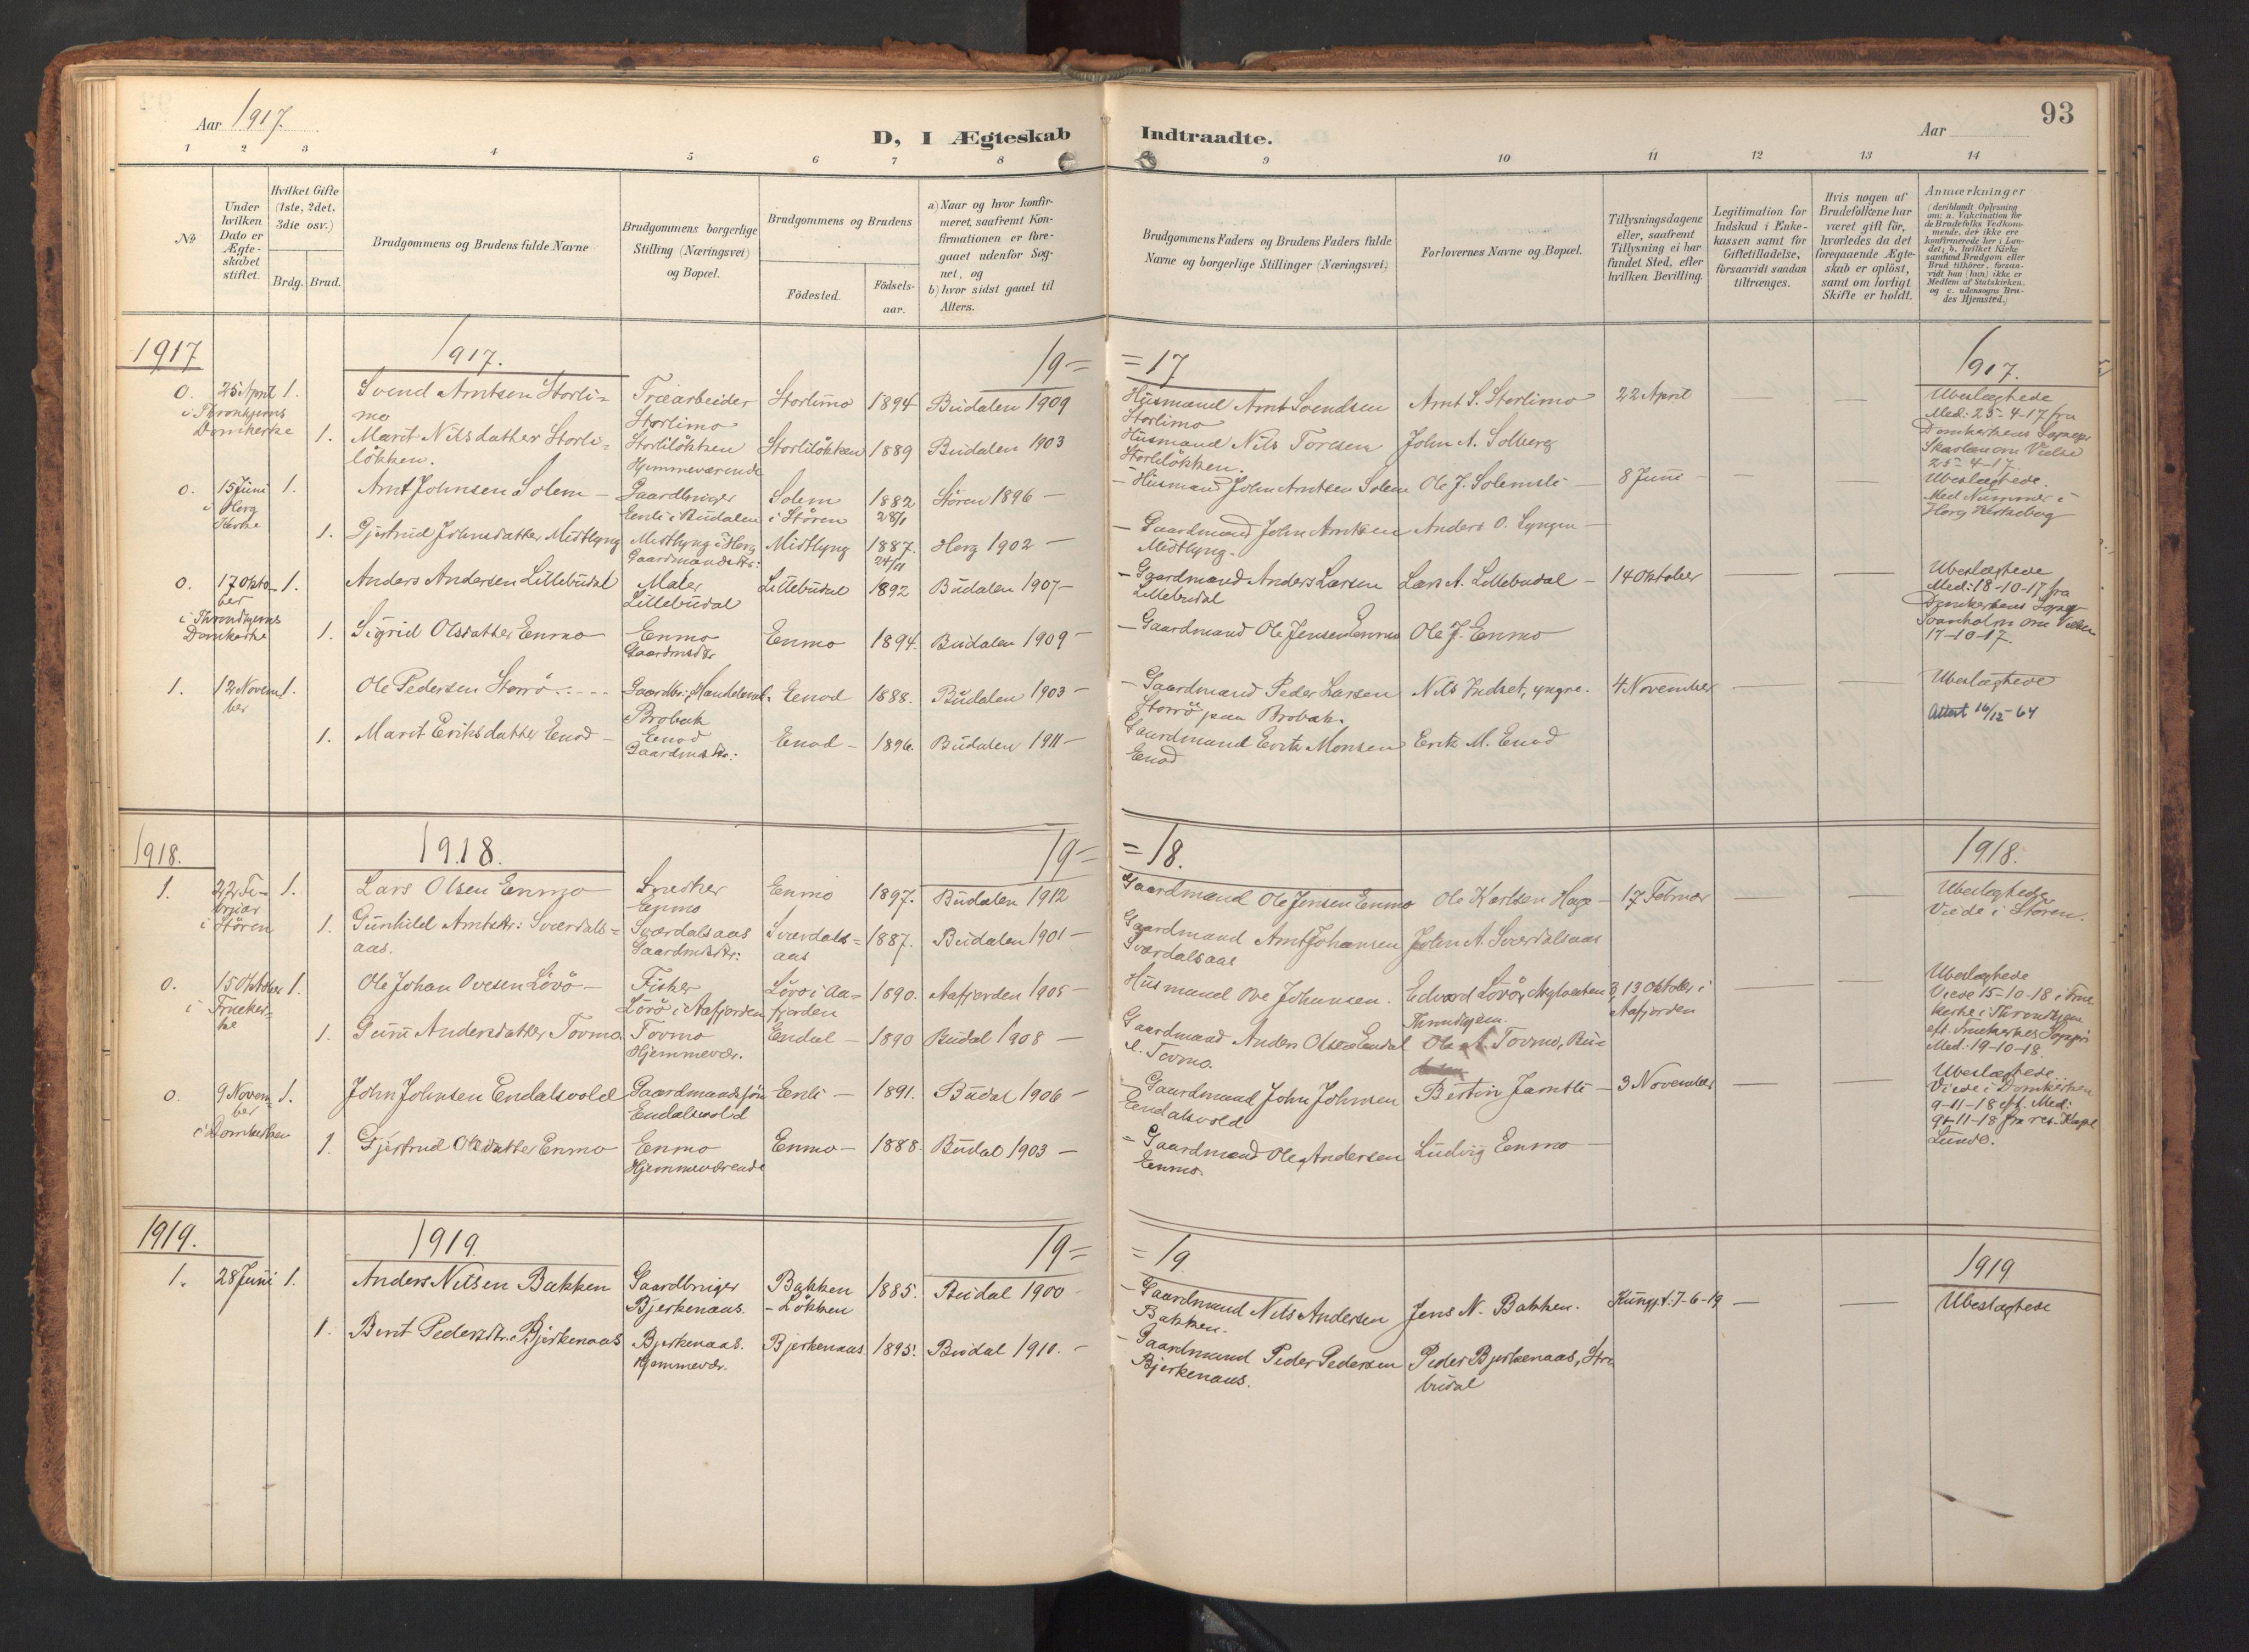 SAT, Ministerialprotokoller, klokkerbøker og fødselsregistre - Sør-Trøndelag, 690/L1050: Ministerialbok nr. 690A01, 1889-1929, s. 93